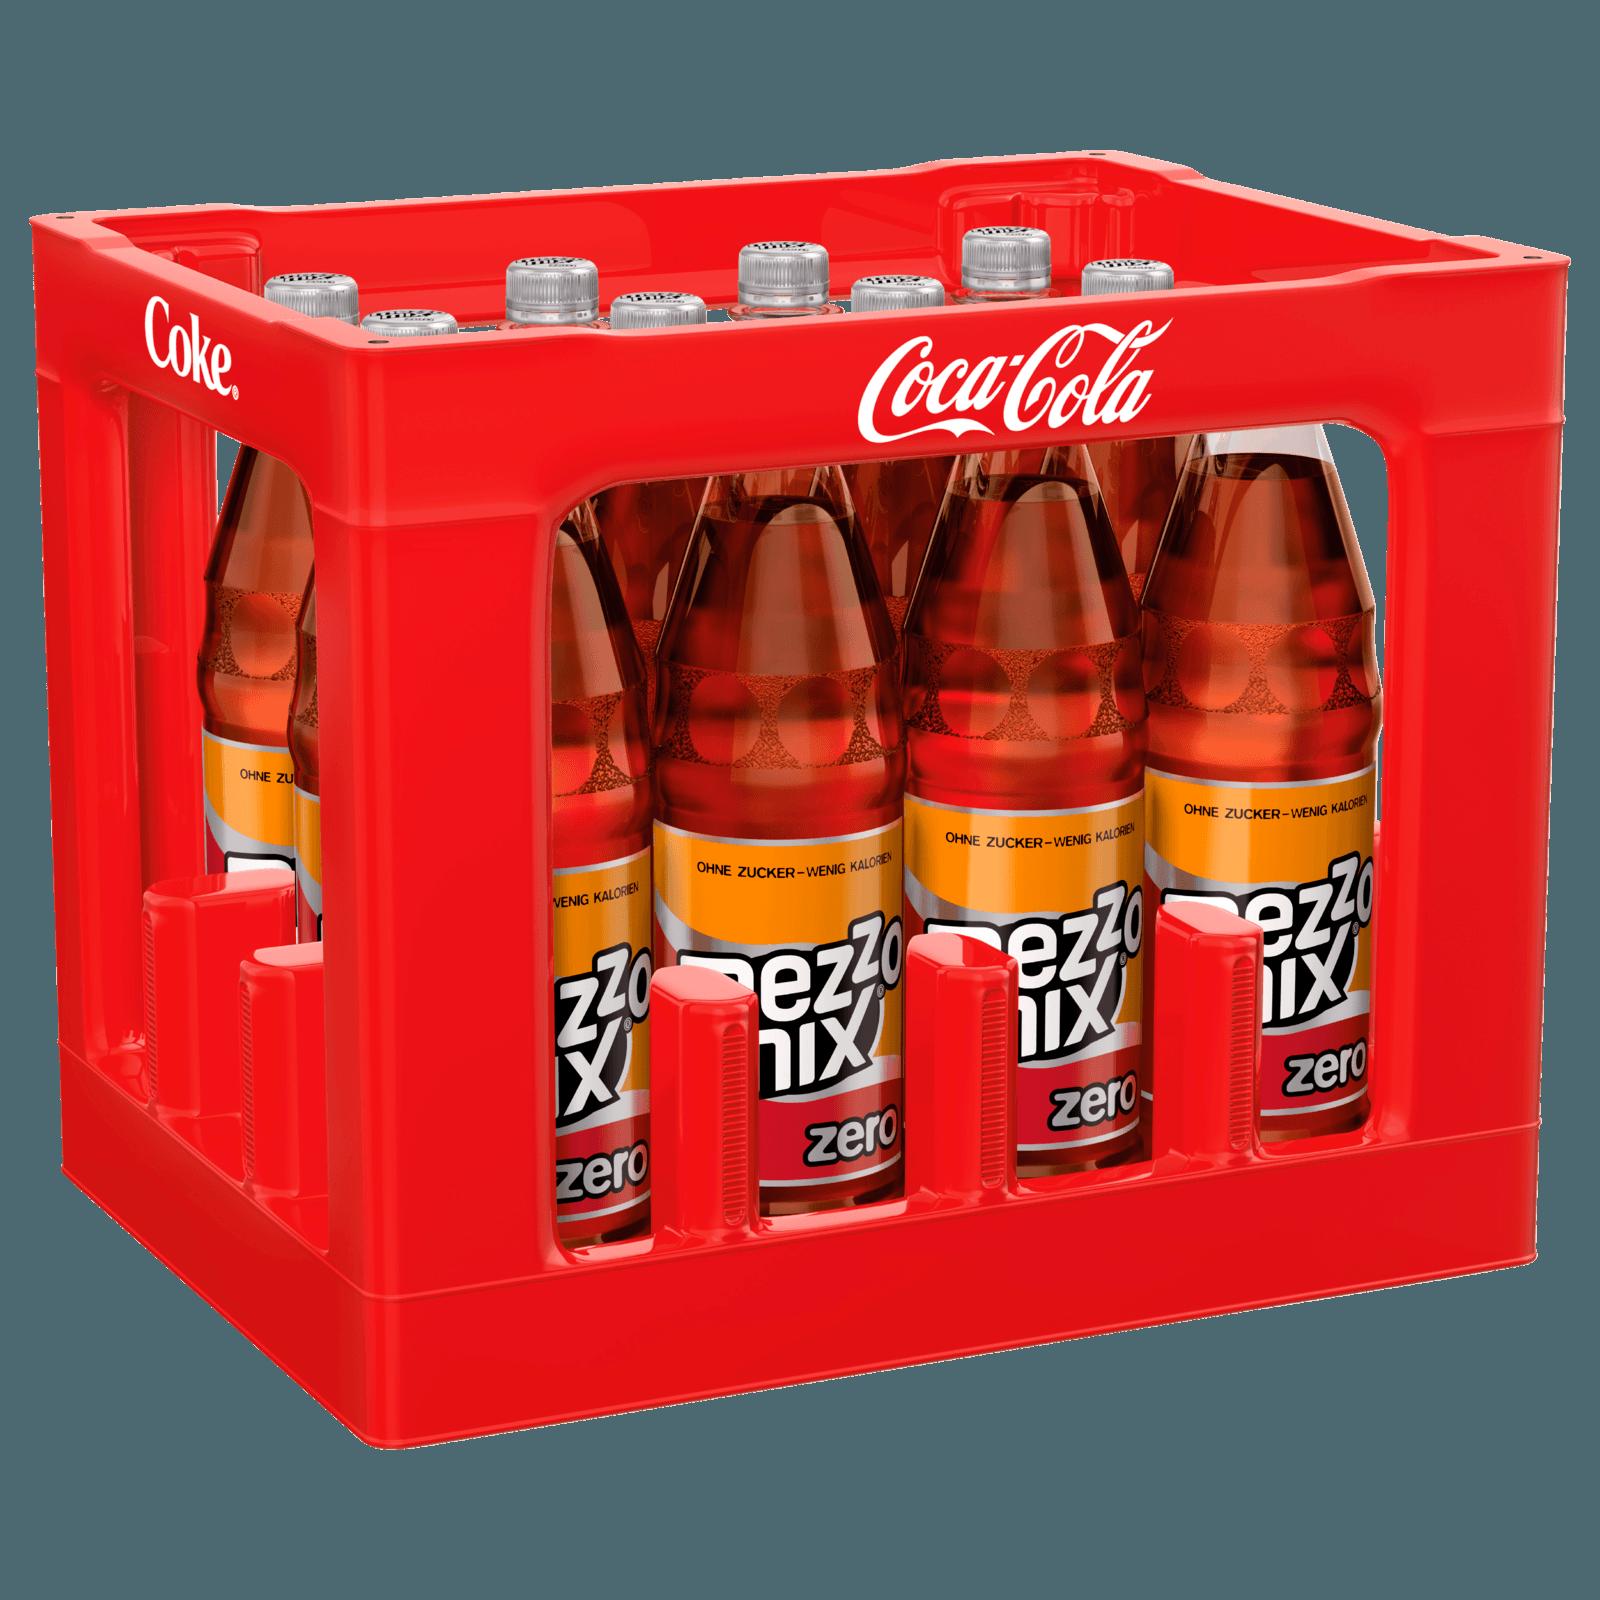 Mezzo Mix Zero 12x1l bei REWE online bestellen!